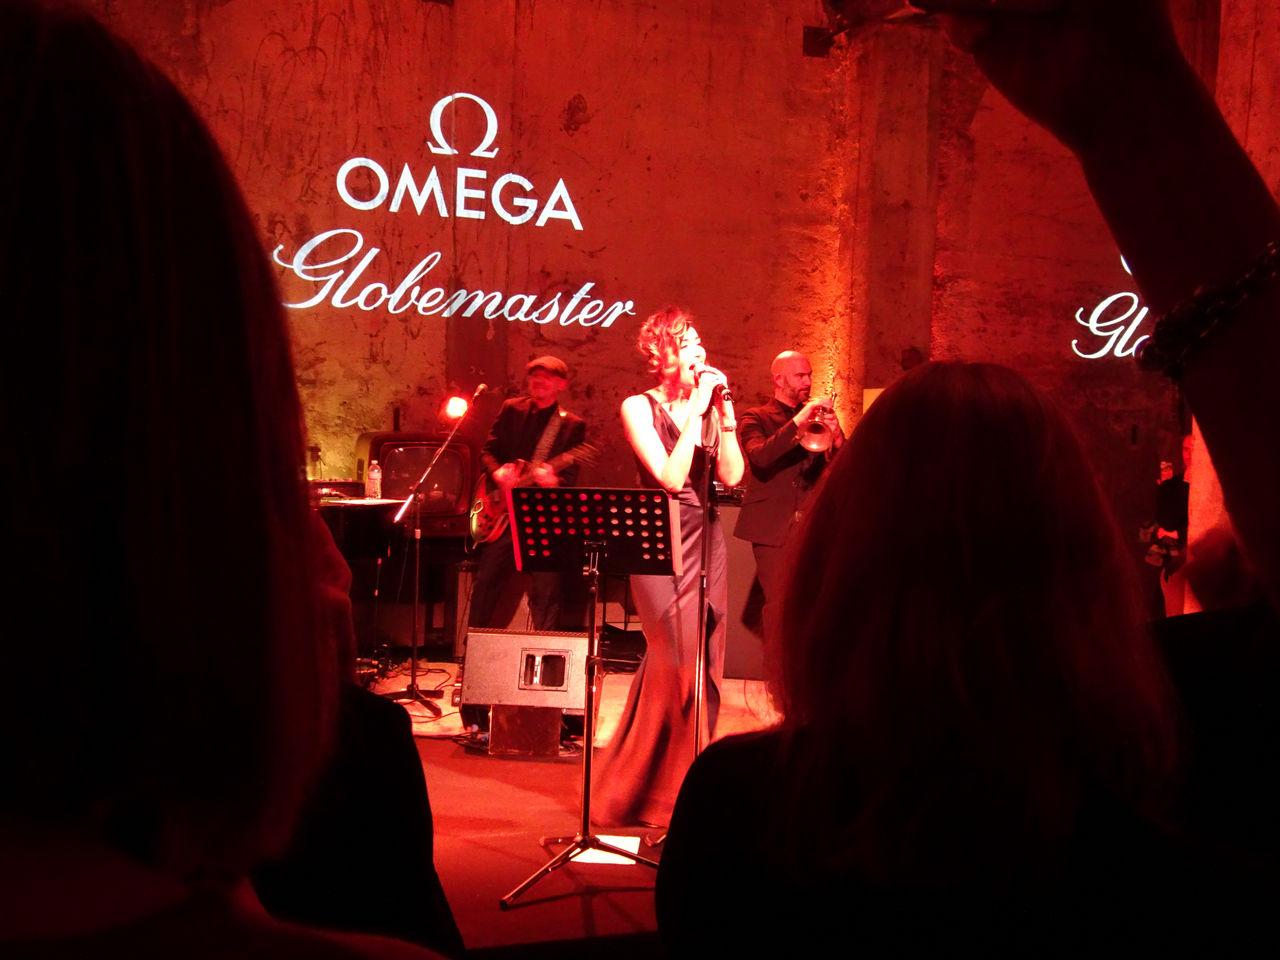 omega-presenta-la-collezione-globemaster-cracco-nina-zilli-milano-metas_0-1007